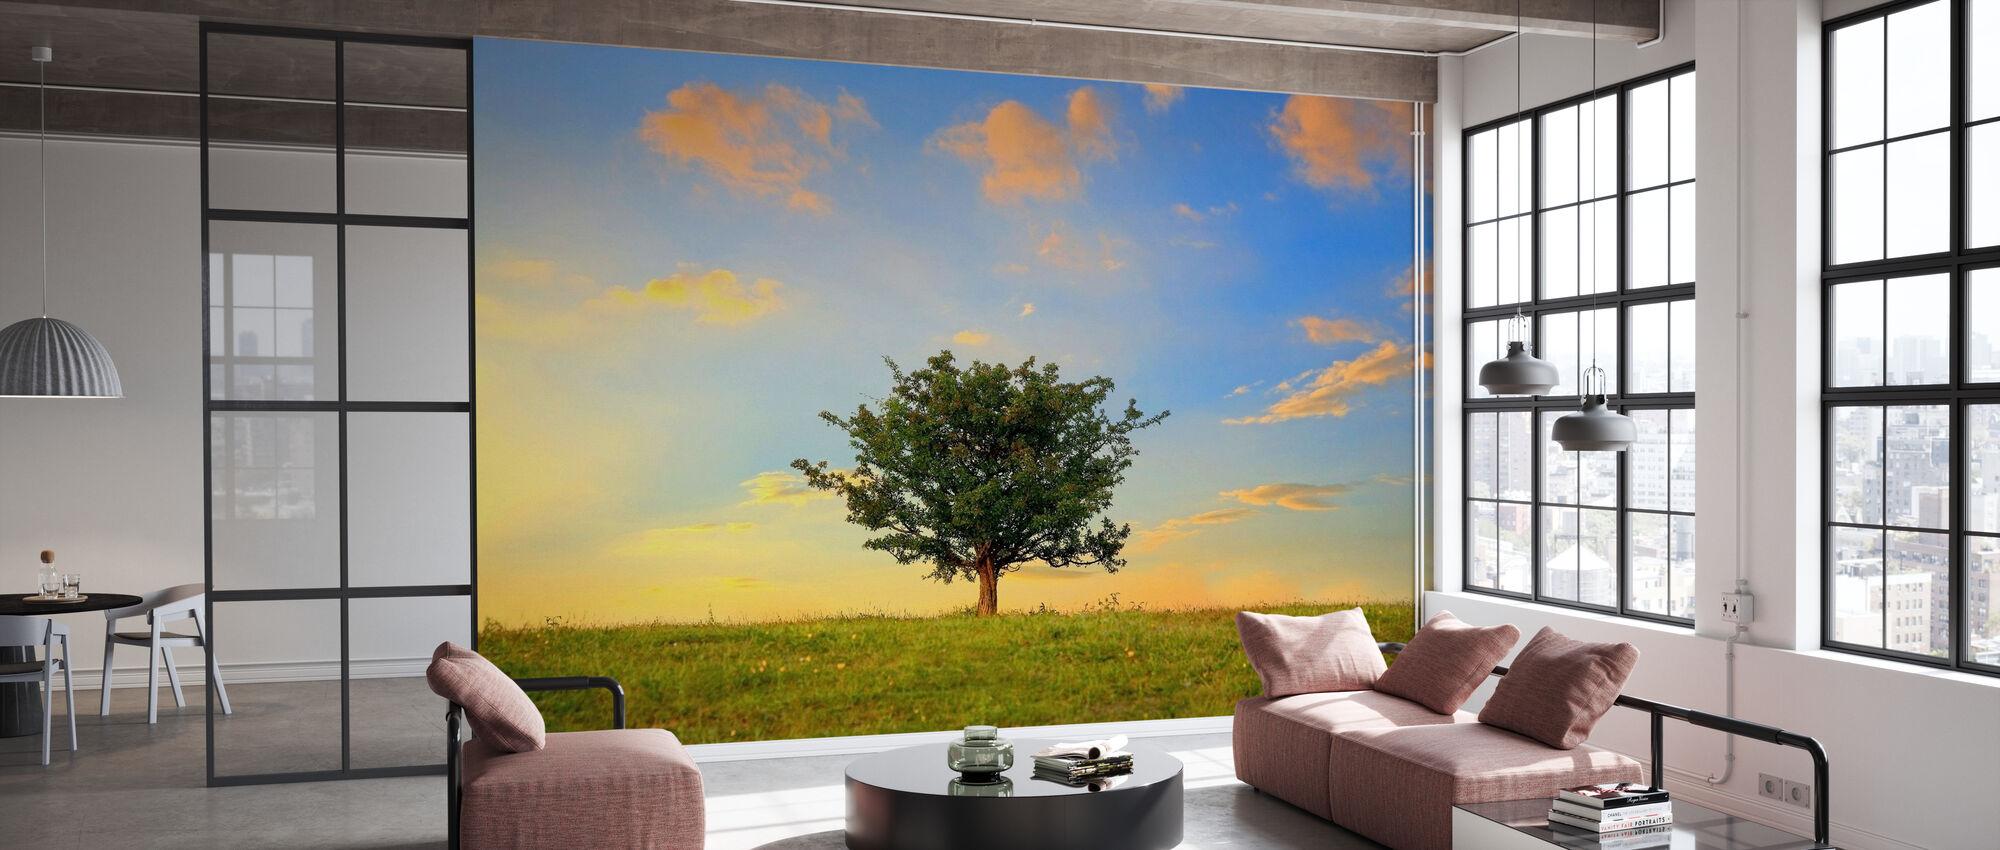 Hawthorn Tree ja kultaiset pilvet - Tapetti - Toimisto